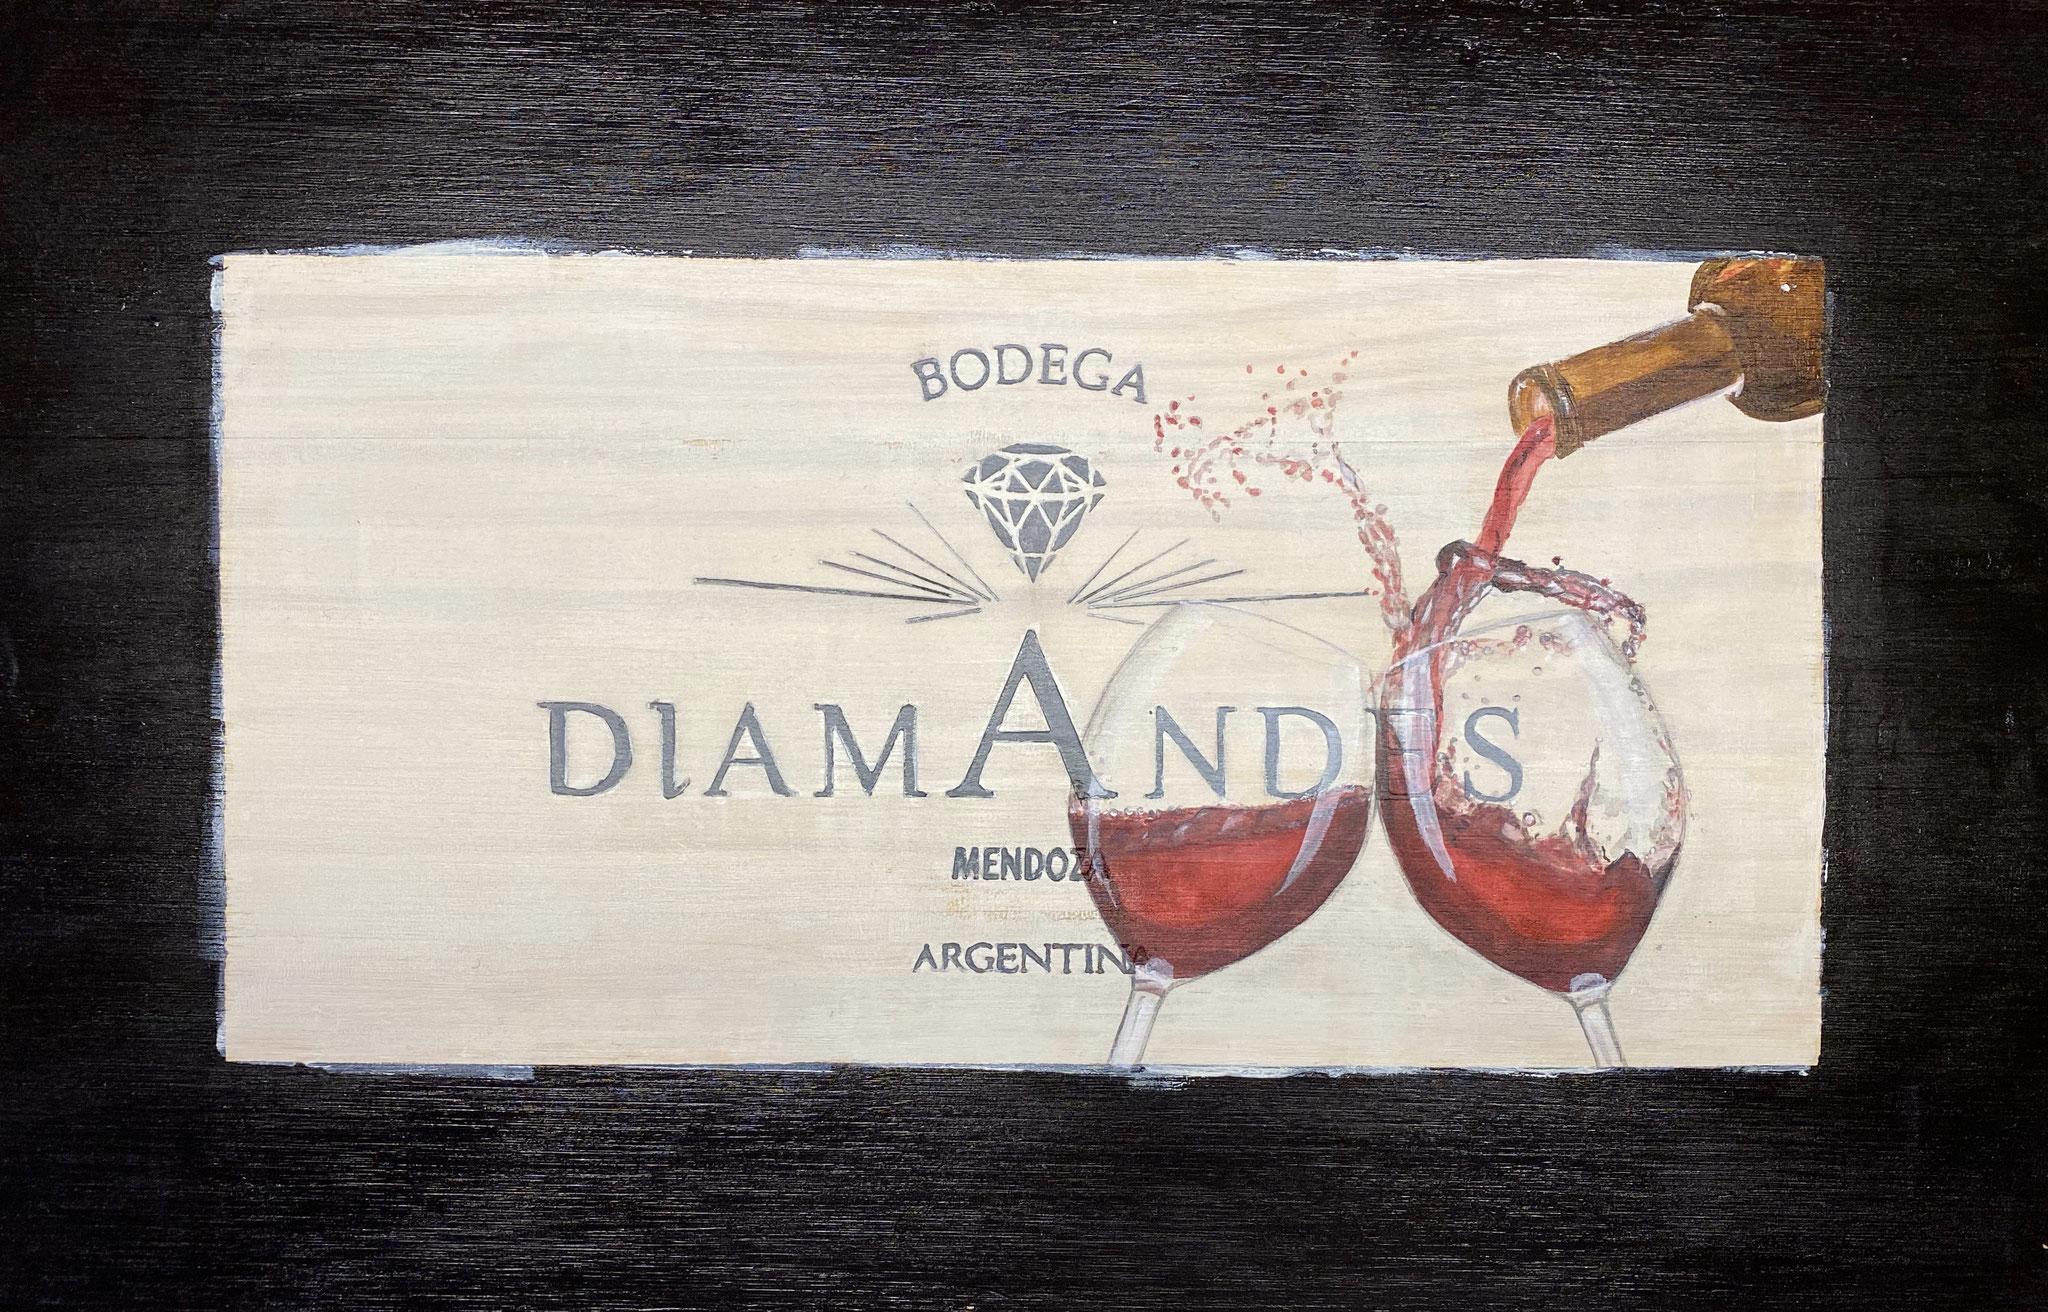 Diamandes Mendoza Argentina 2